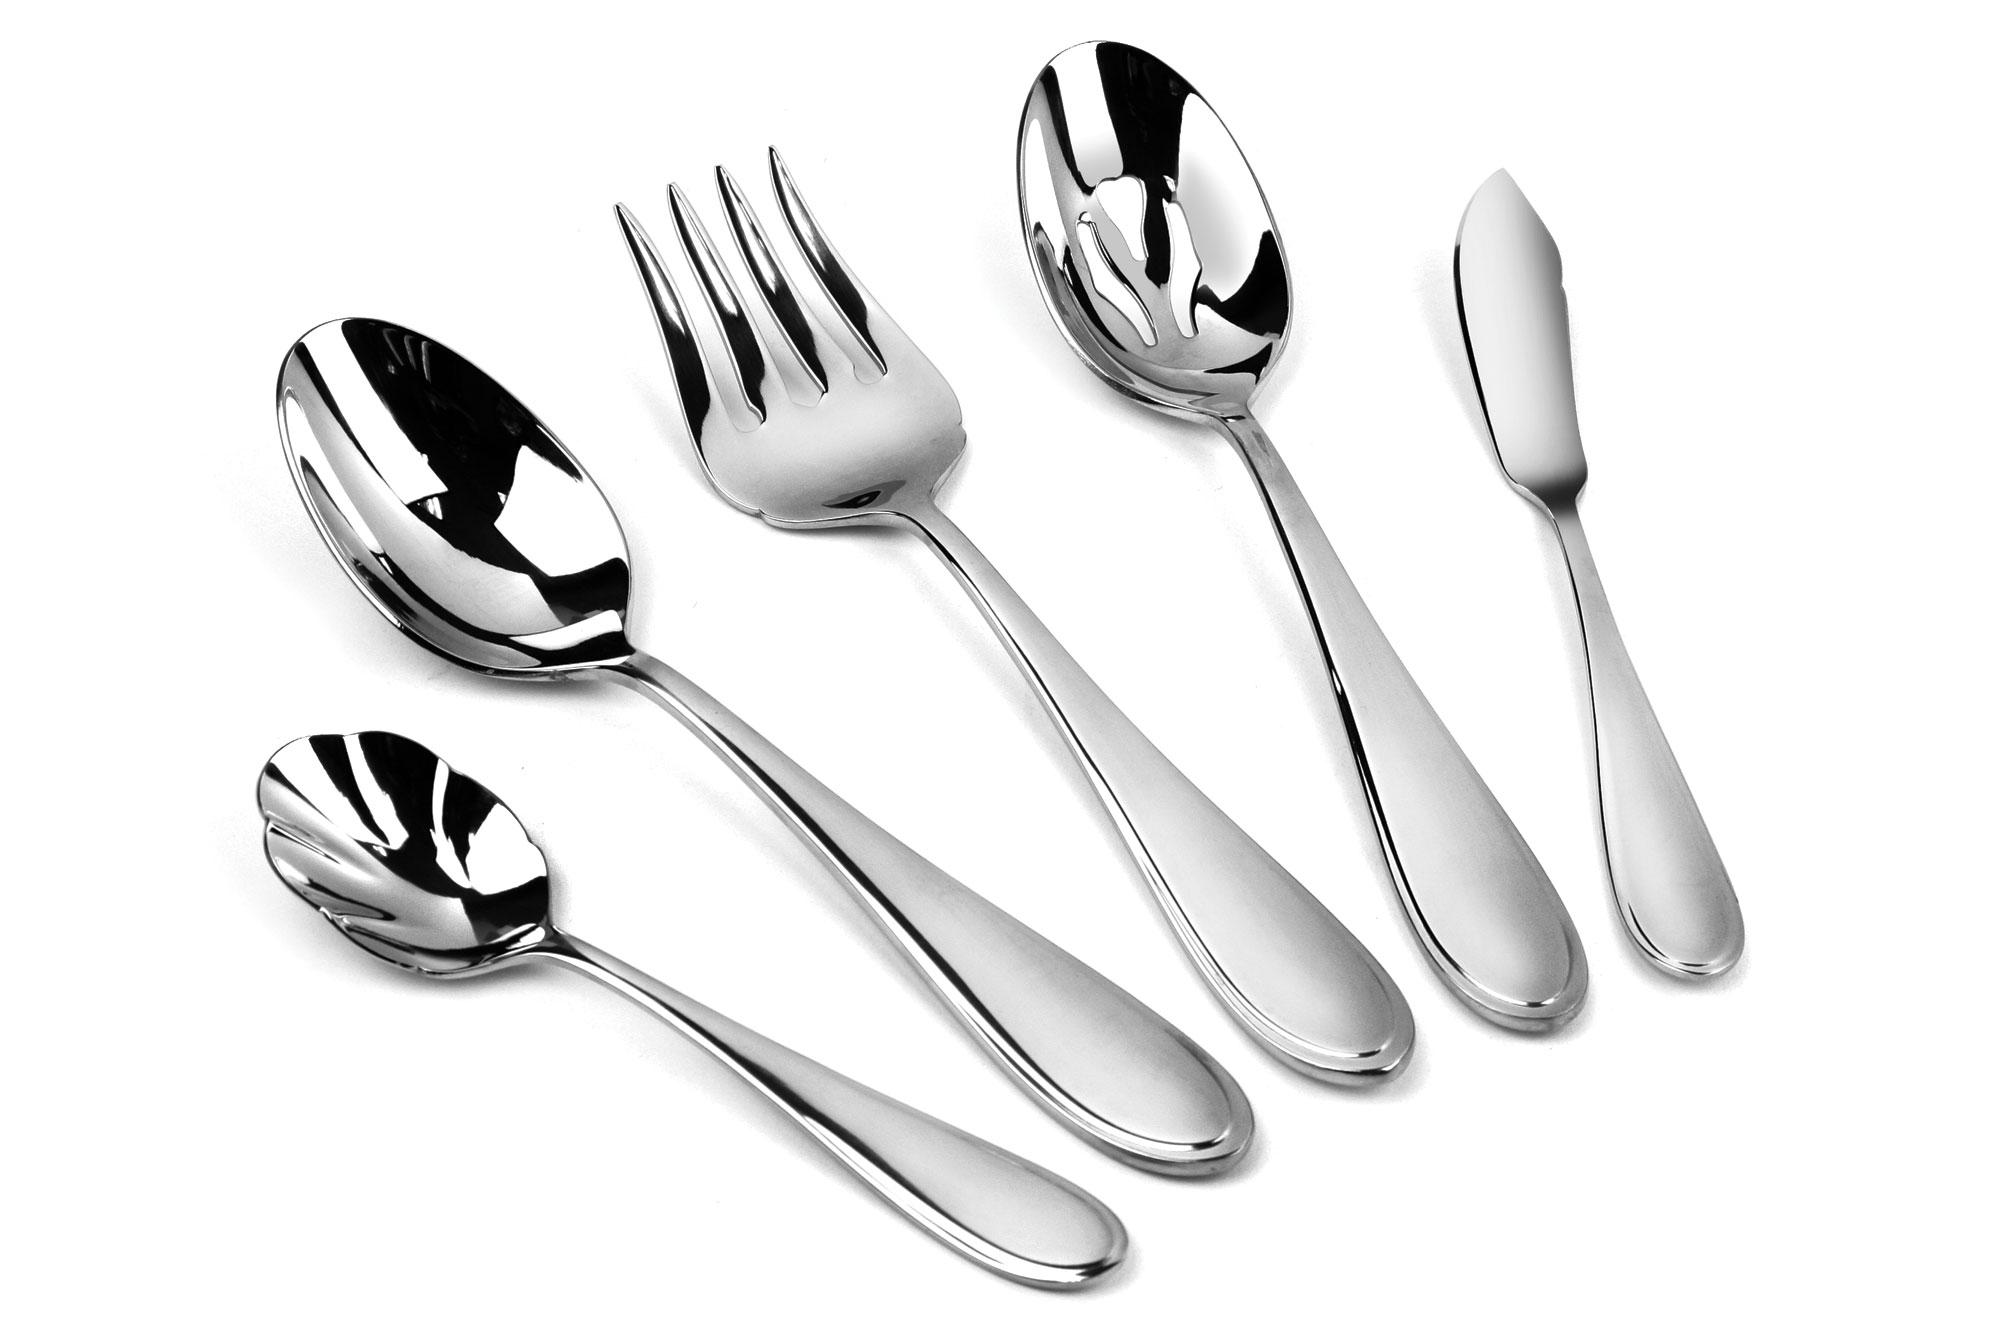 Yamazaki austen stainless steel flatware set 45 piece cutlery and more - Yamazaki stainless steel flatware ...